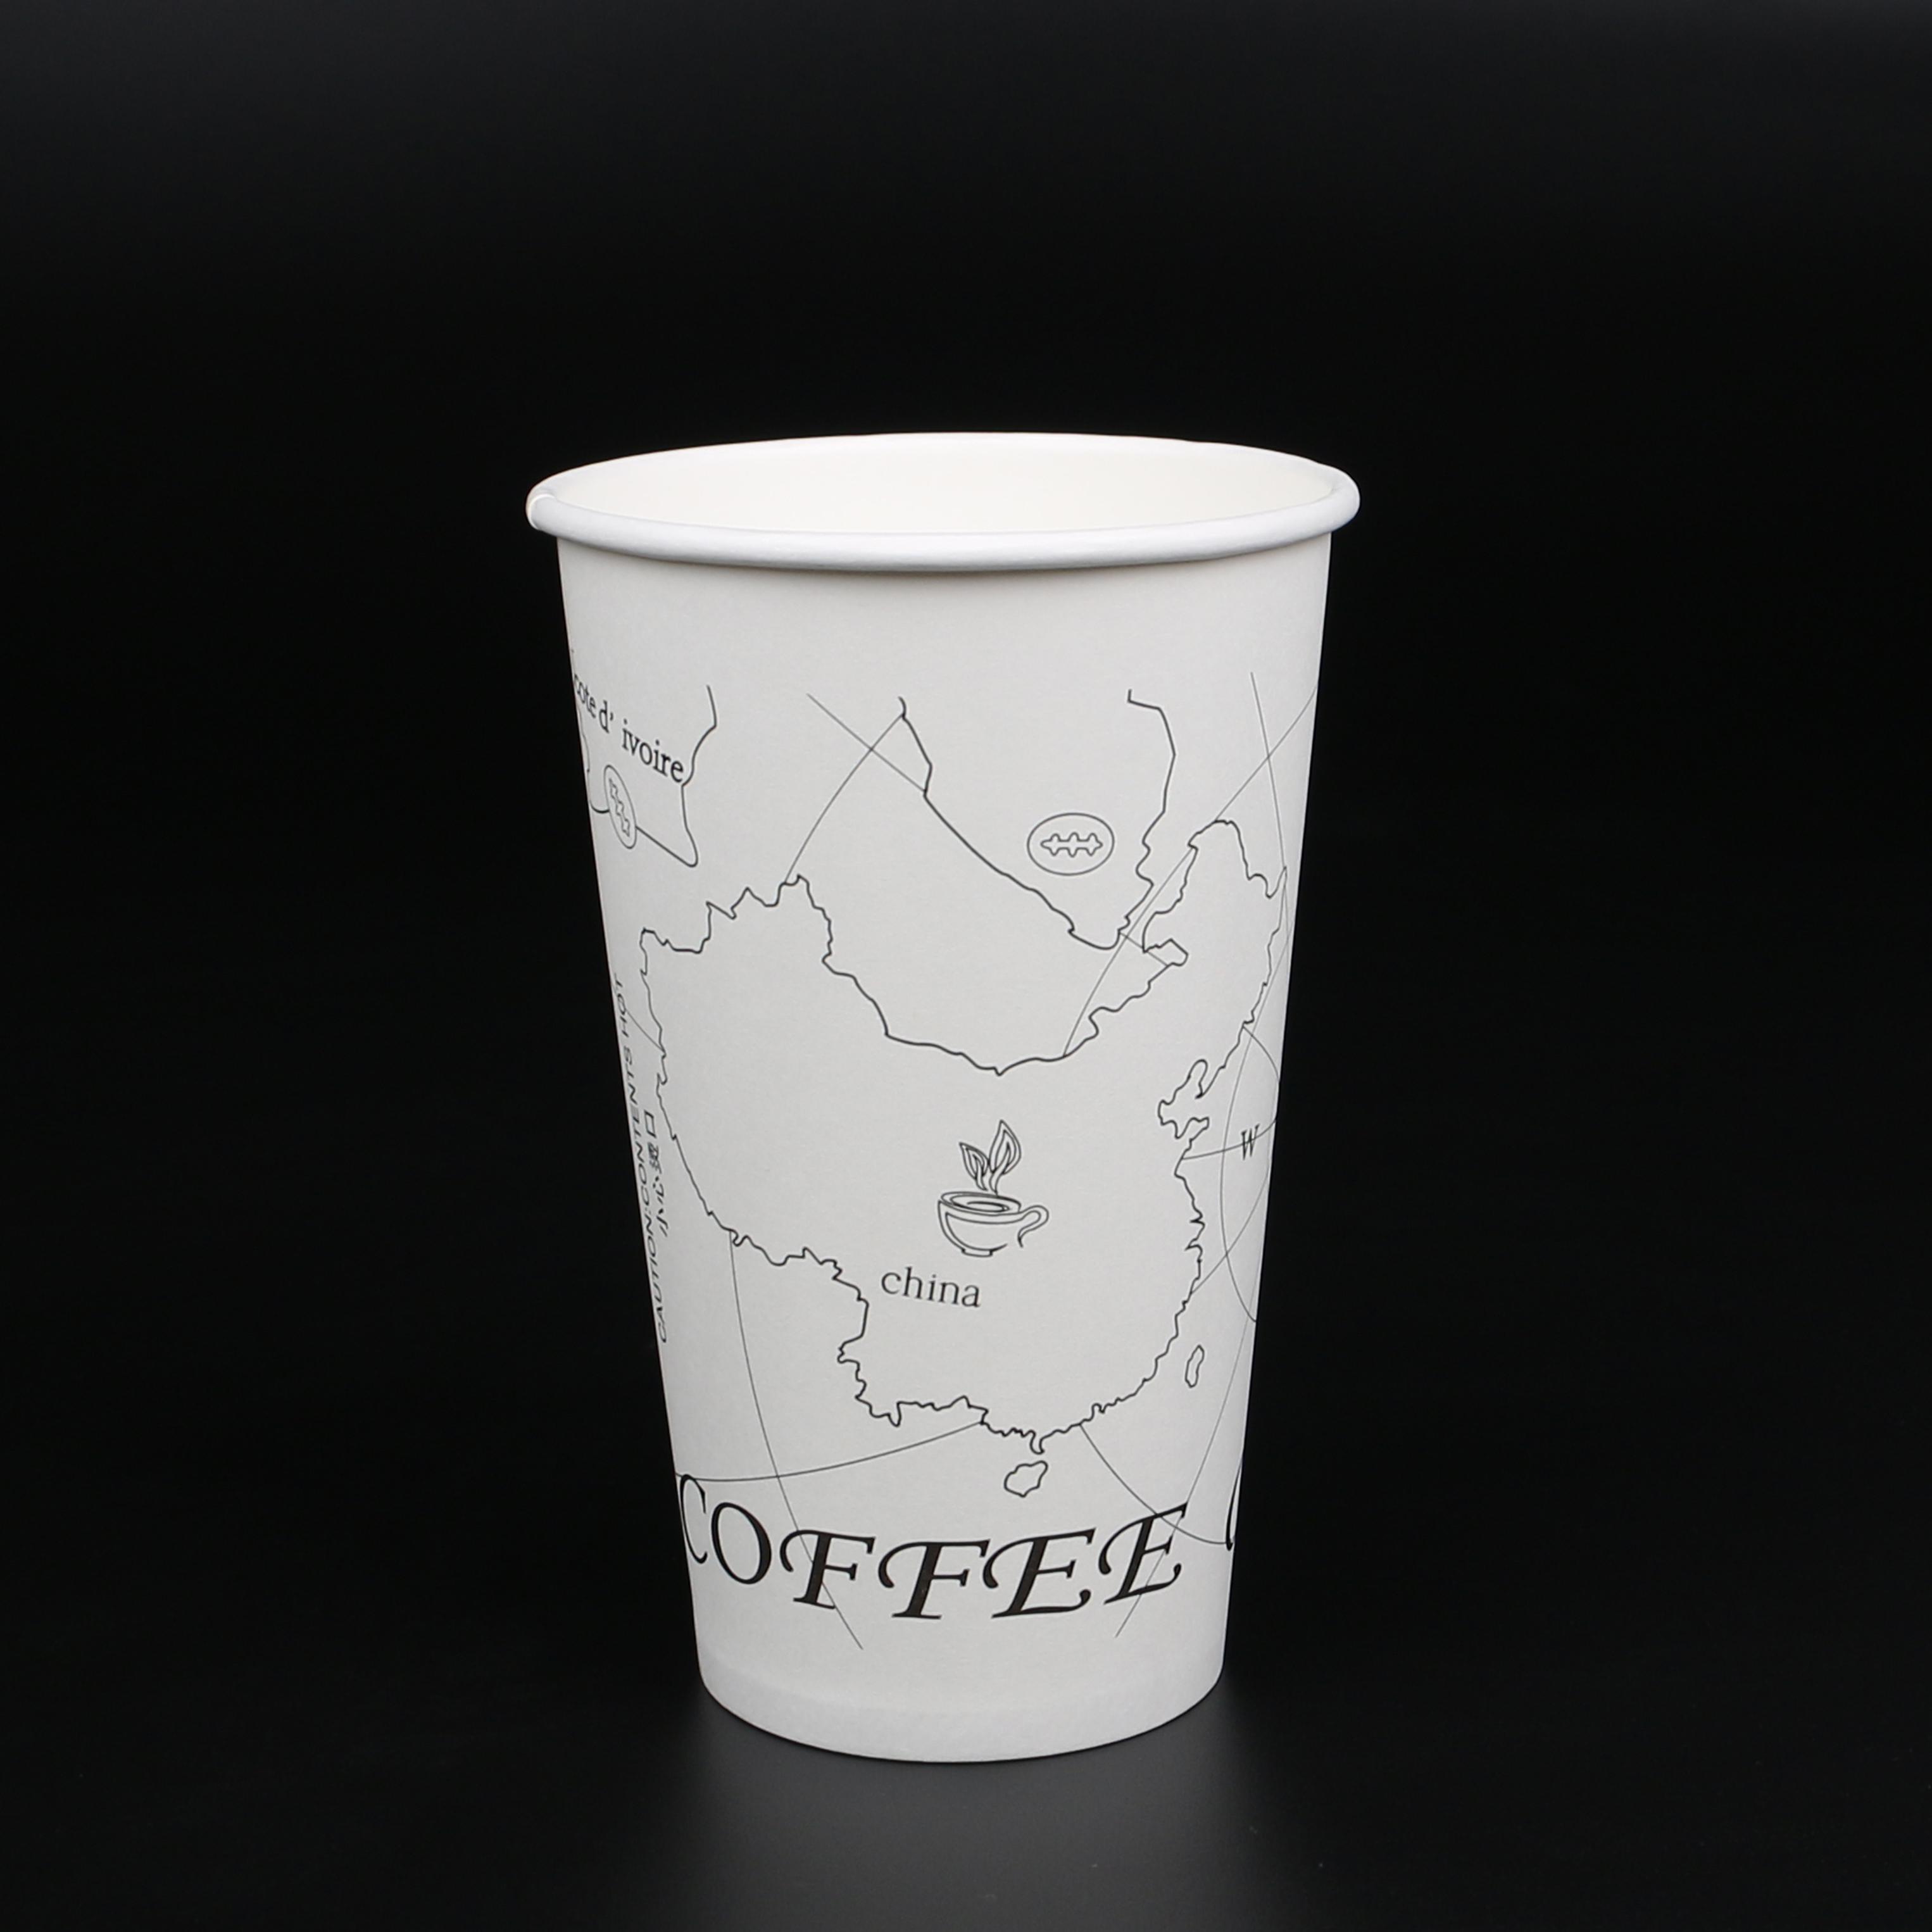 庞度一次性纸杯16oz地图杯咖啡奶茶纸杯加厚热饮外带杯100只